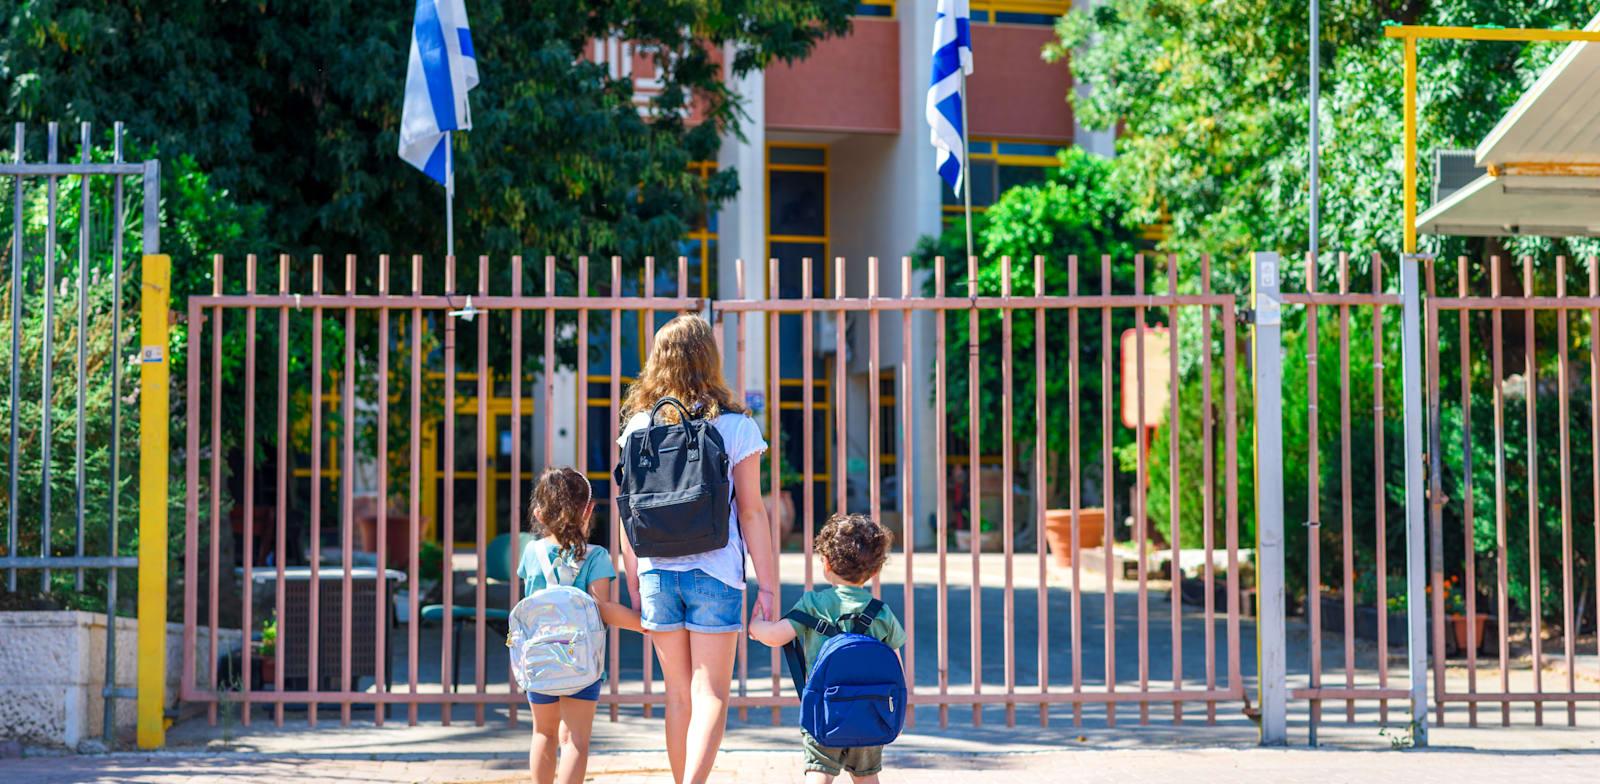 בית ספר באזור המרכז. לשקול שדרוג בהסדר העתידי / צילום: Shutterstock